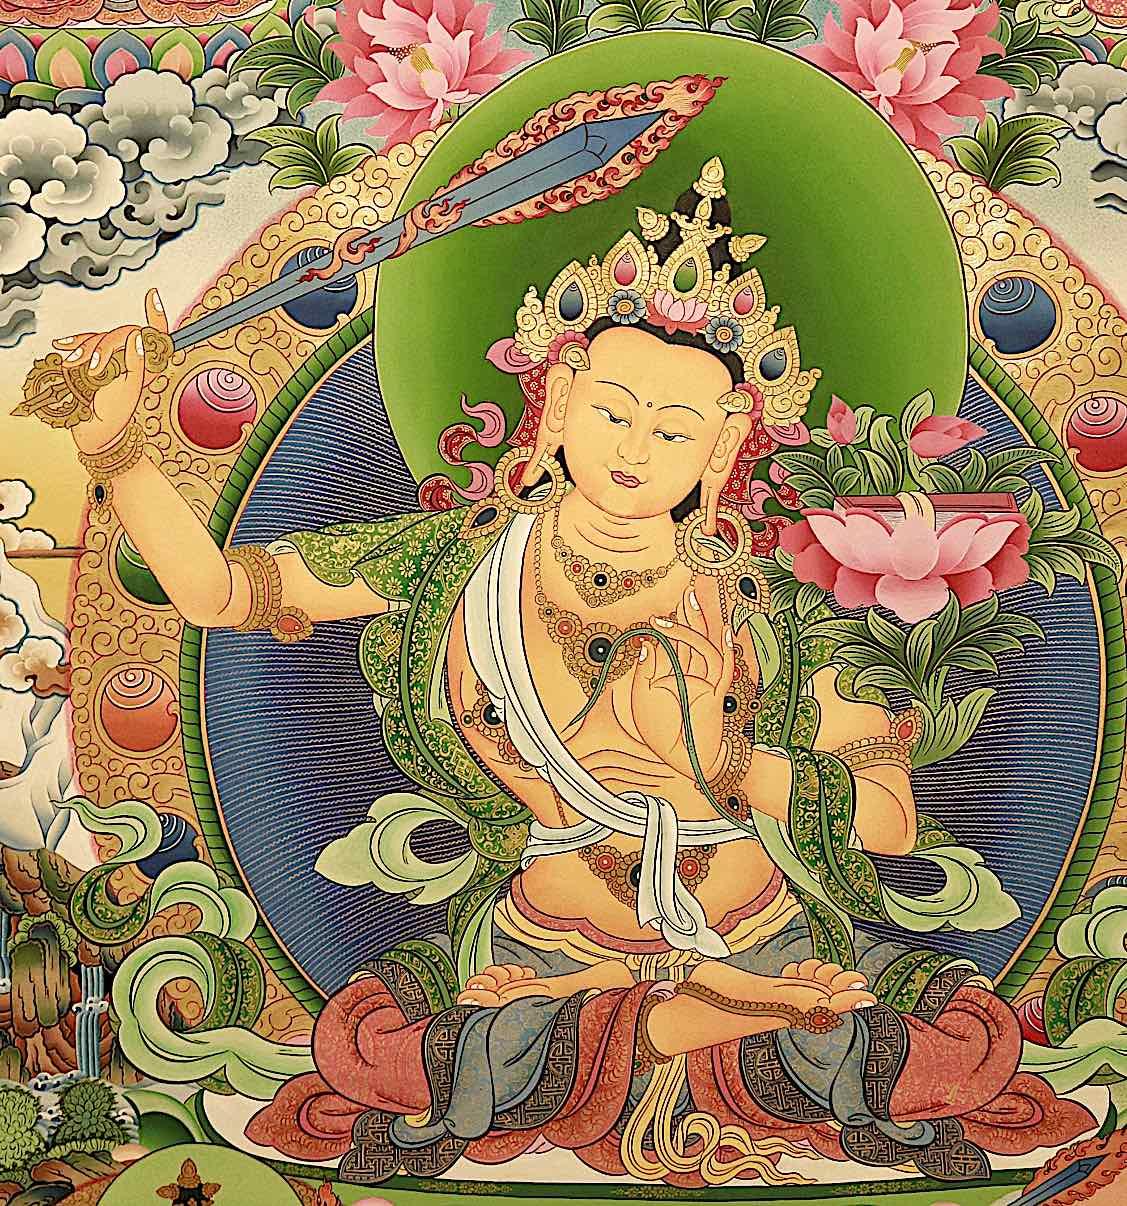 Buddha Weekly Orange Manjushri square Buddhism